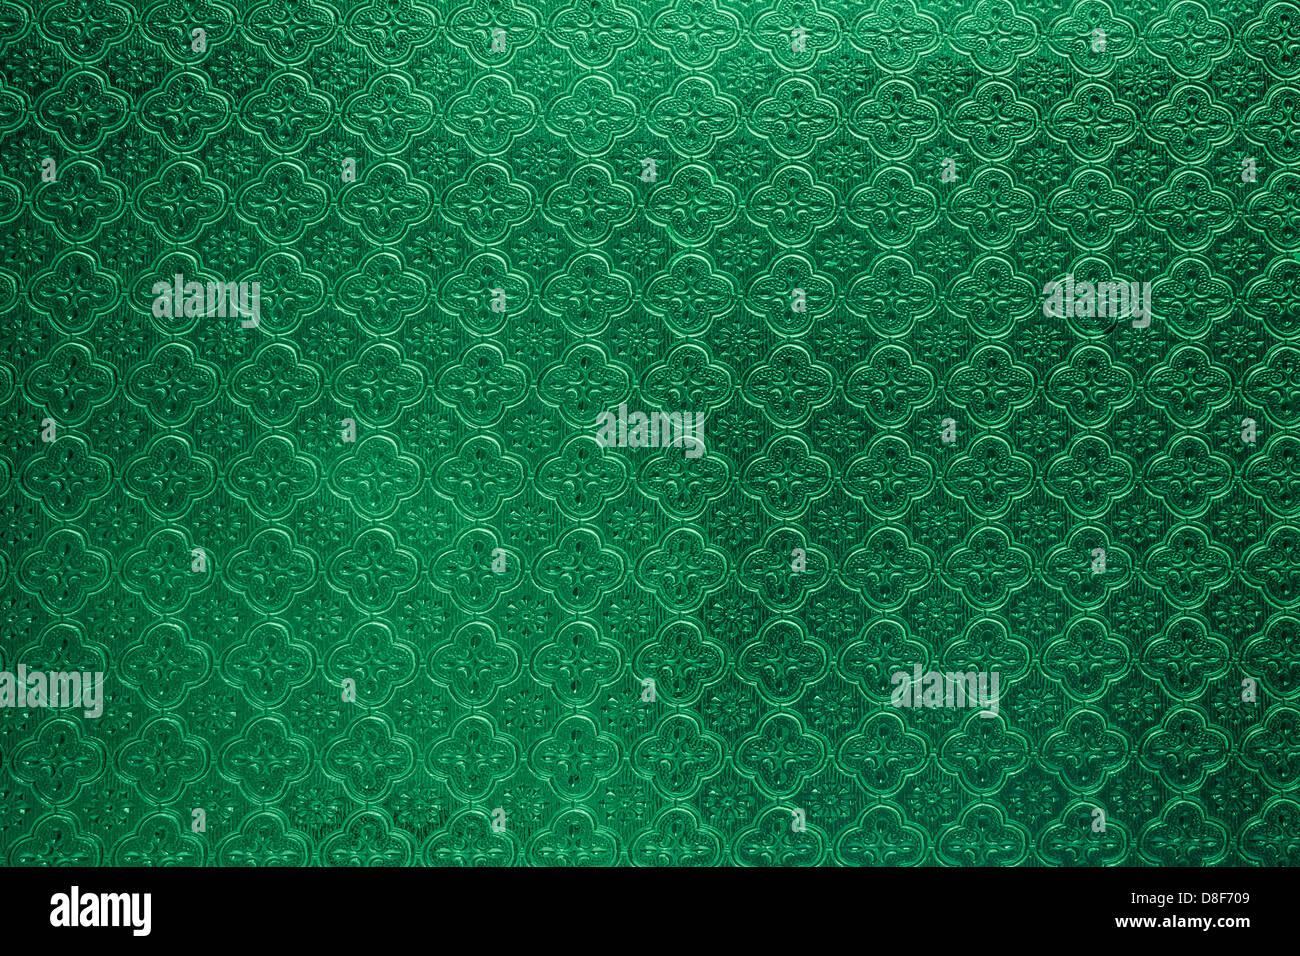 Simo d spot com texture seamless di pavimento in cotto per